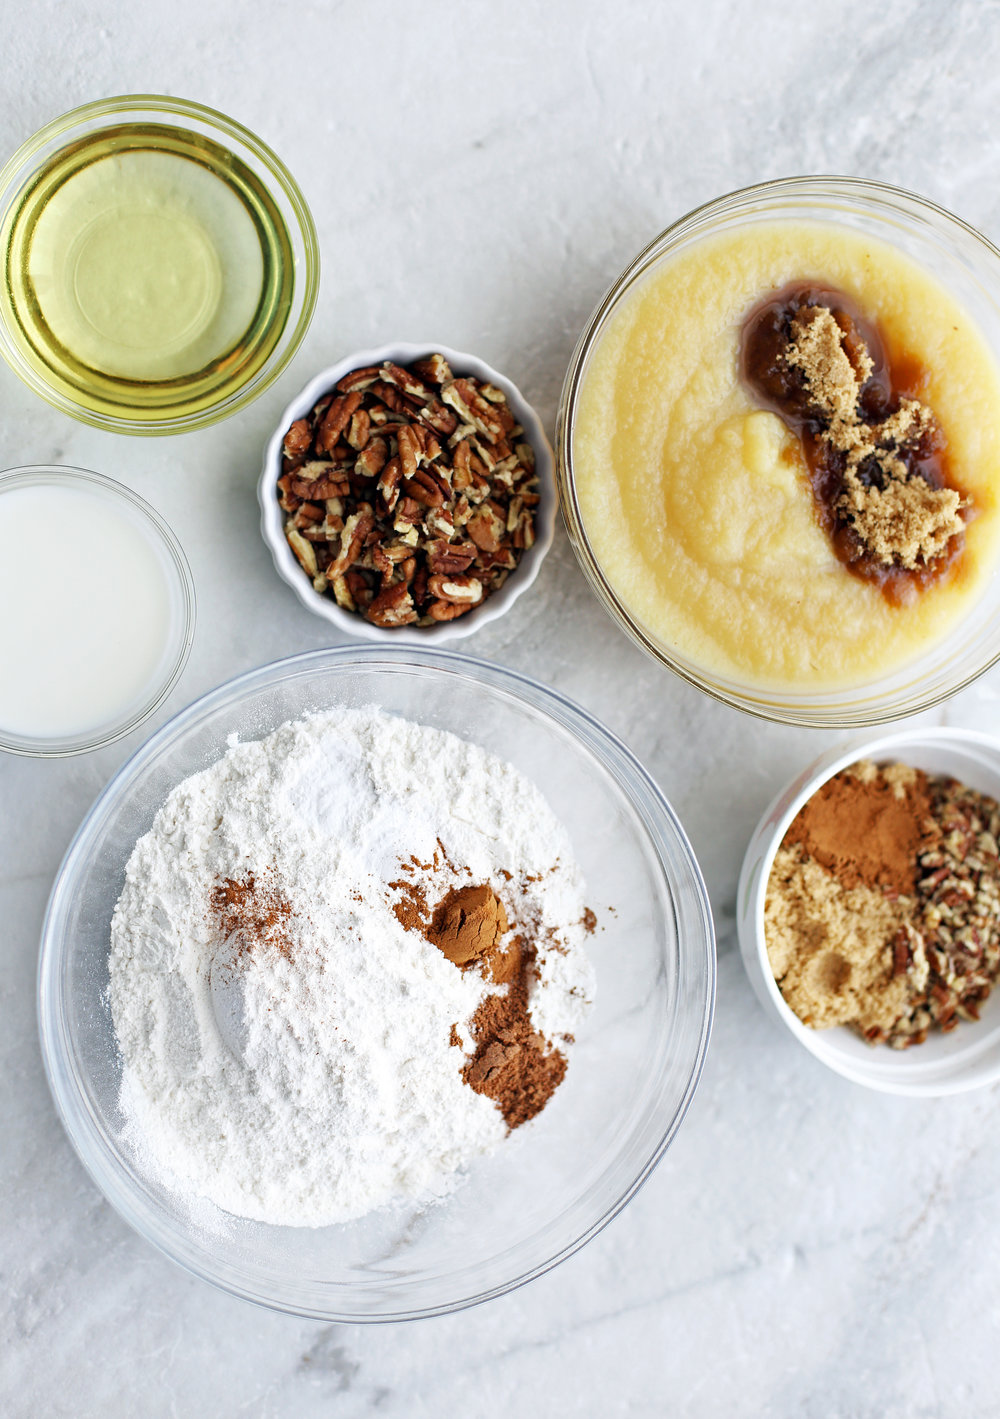 muffin_ingredients.jpg